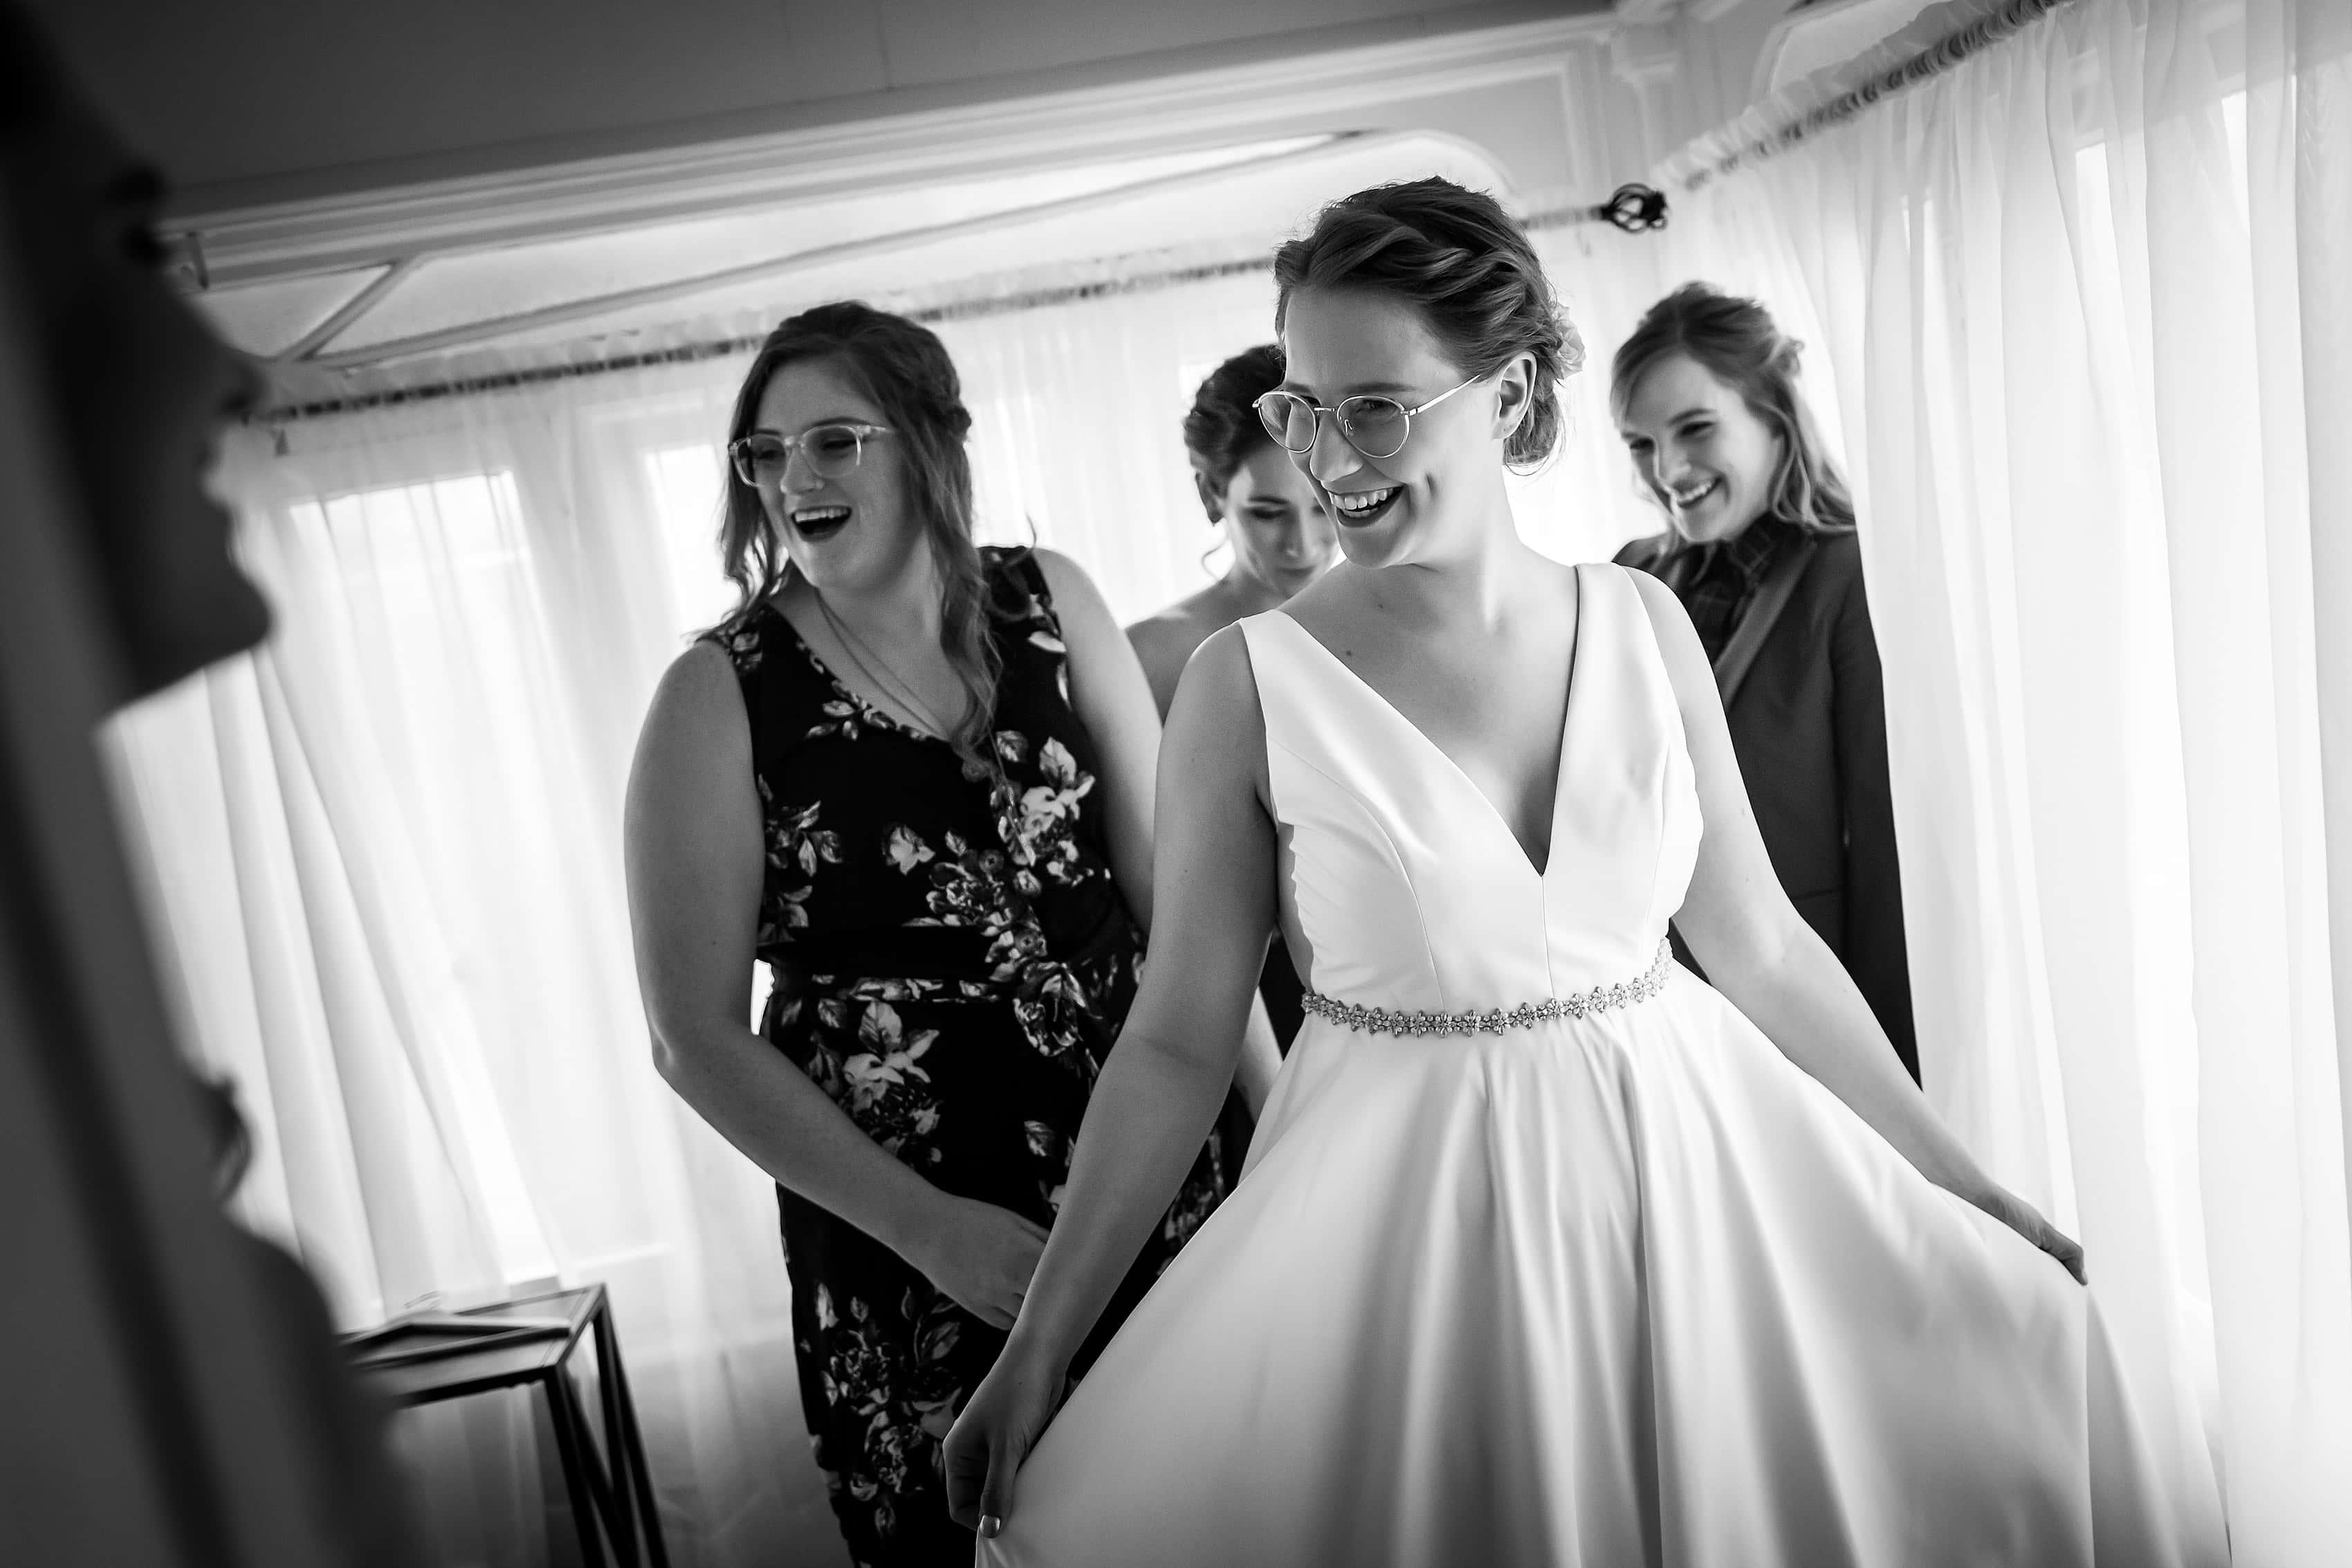 bridesmaids help bride into wedding dress